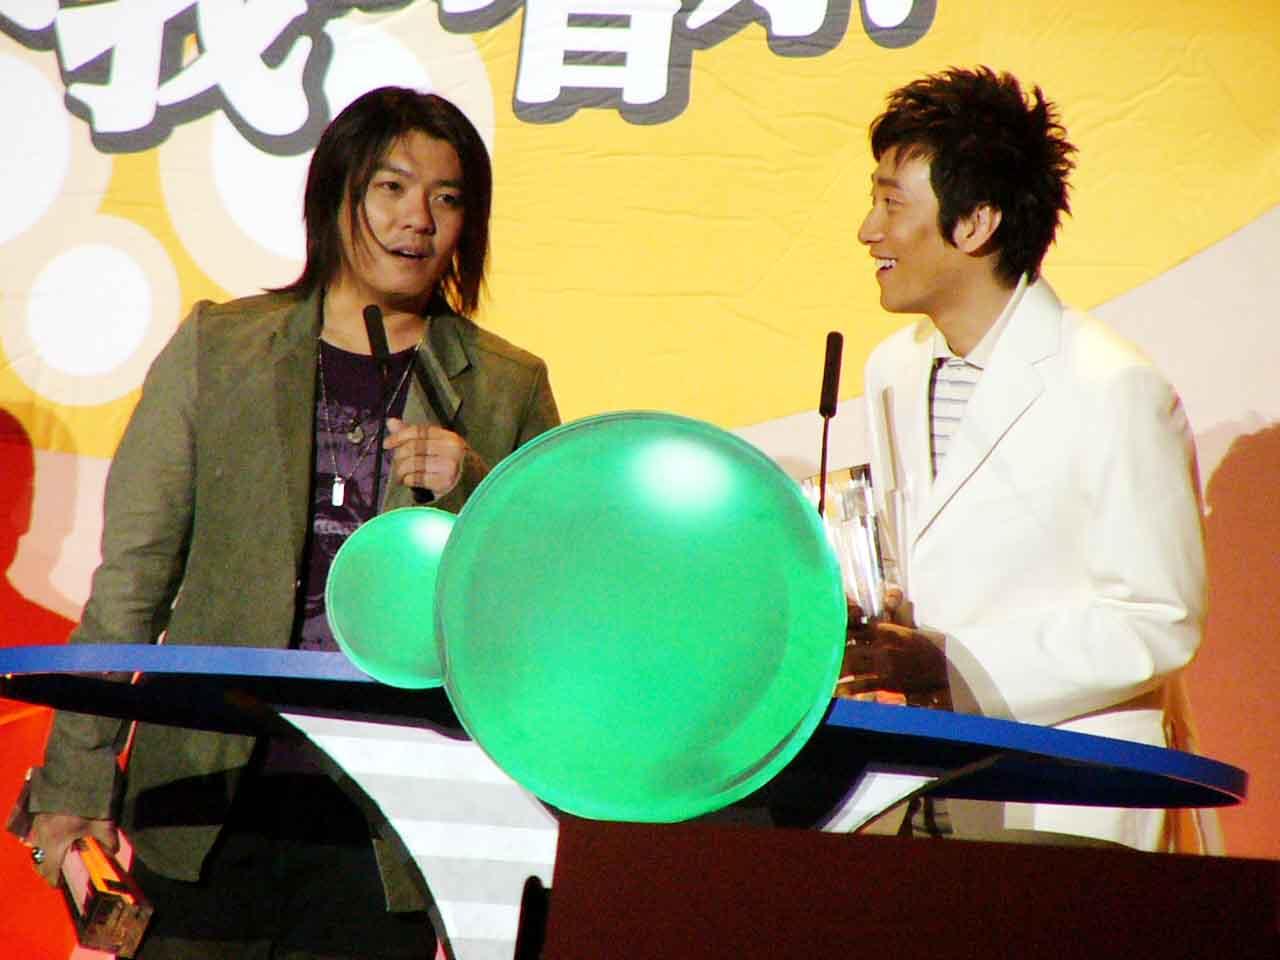 图文:2004中国TOP排行榜颁奖现场-阿杜、满江